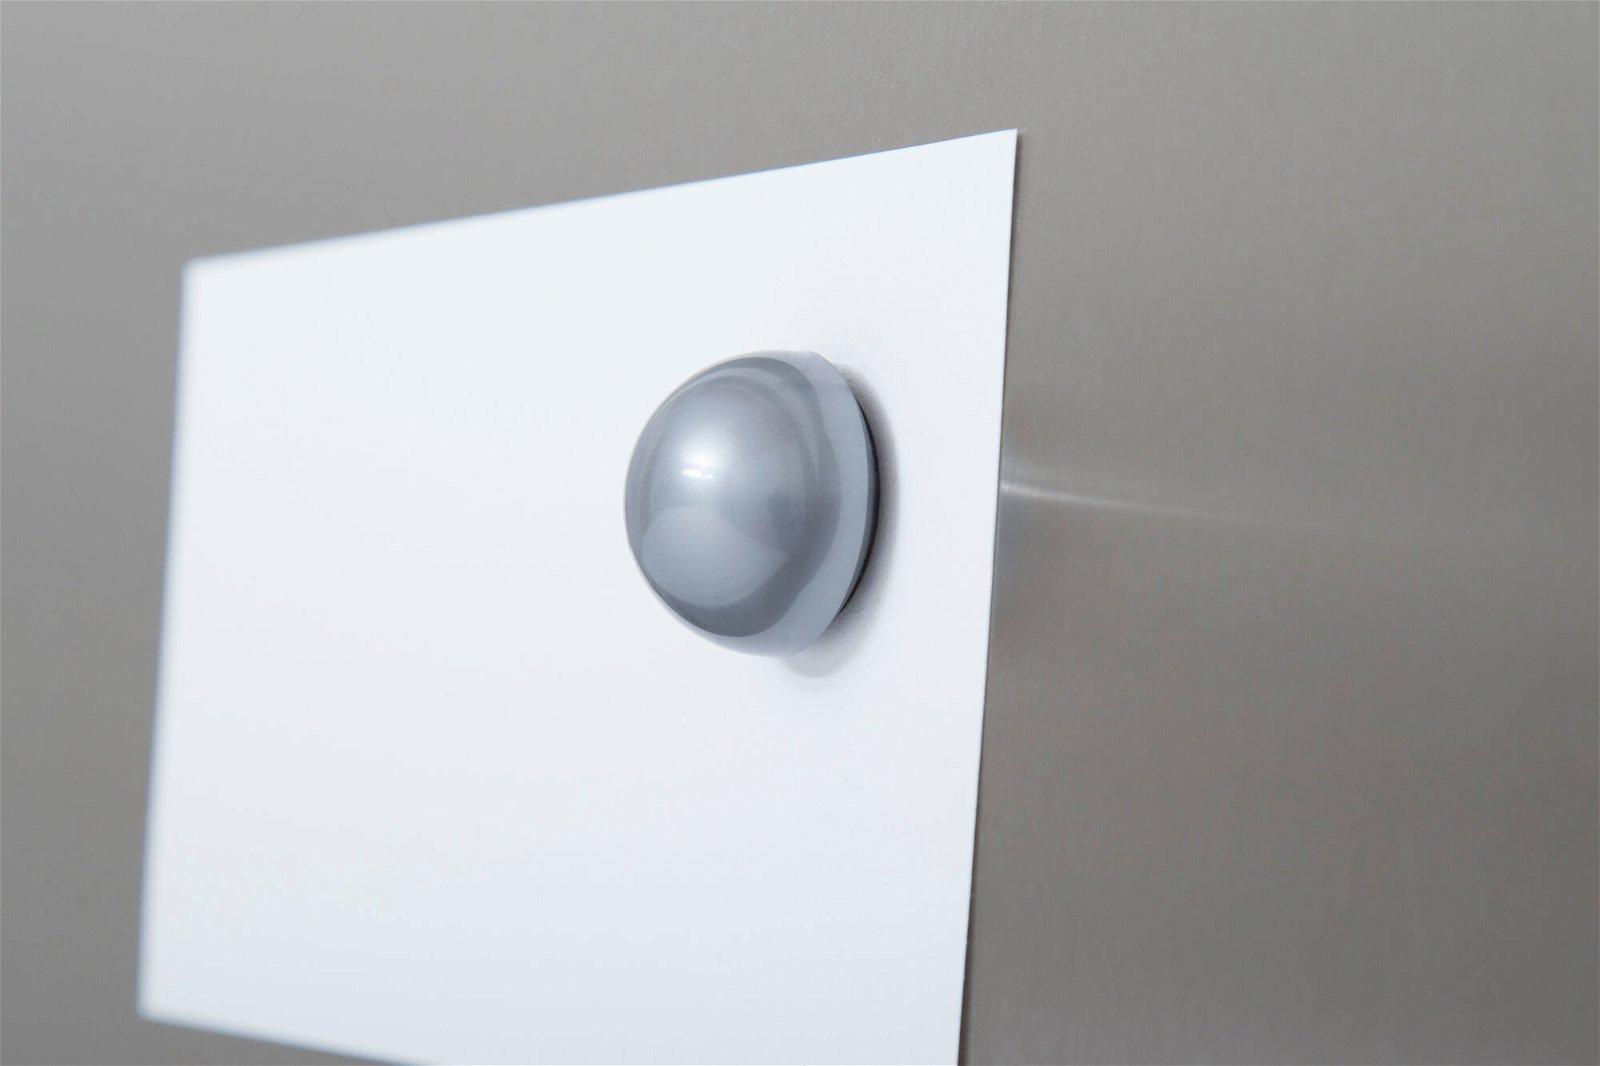 Kugel-Magnet Ø 30 mm, 0,6 kg Haftkraft, 10 St./Set, silber